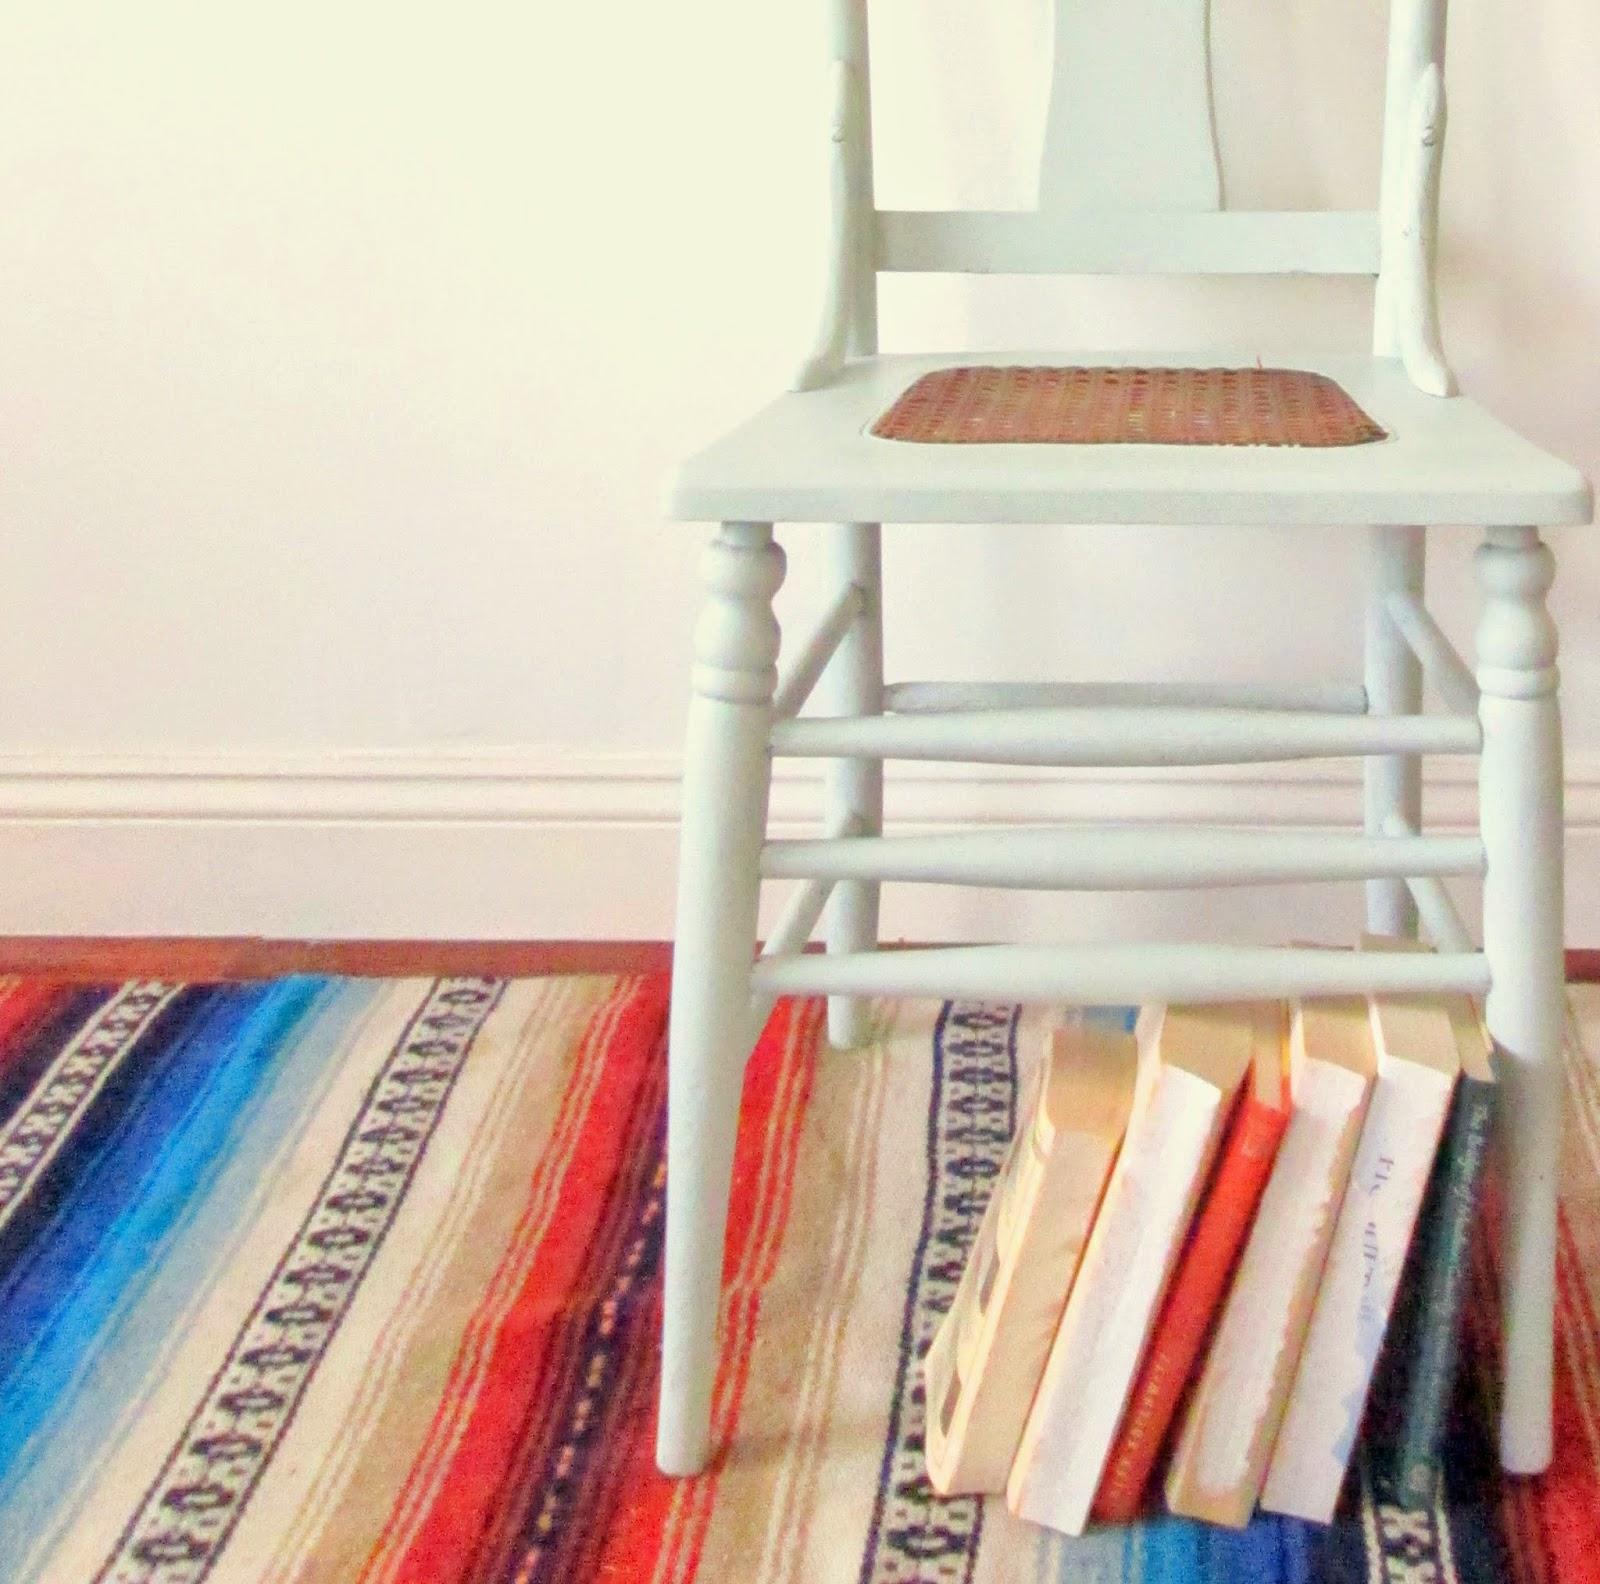 cane+chair7.jpg